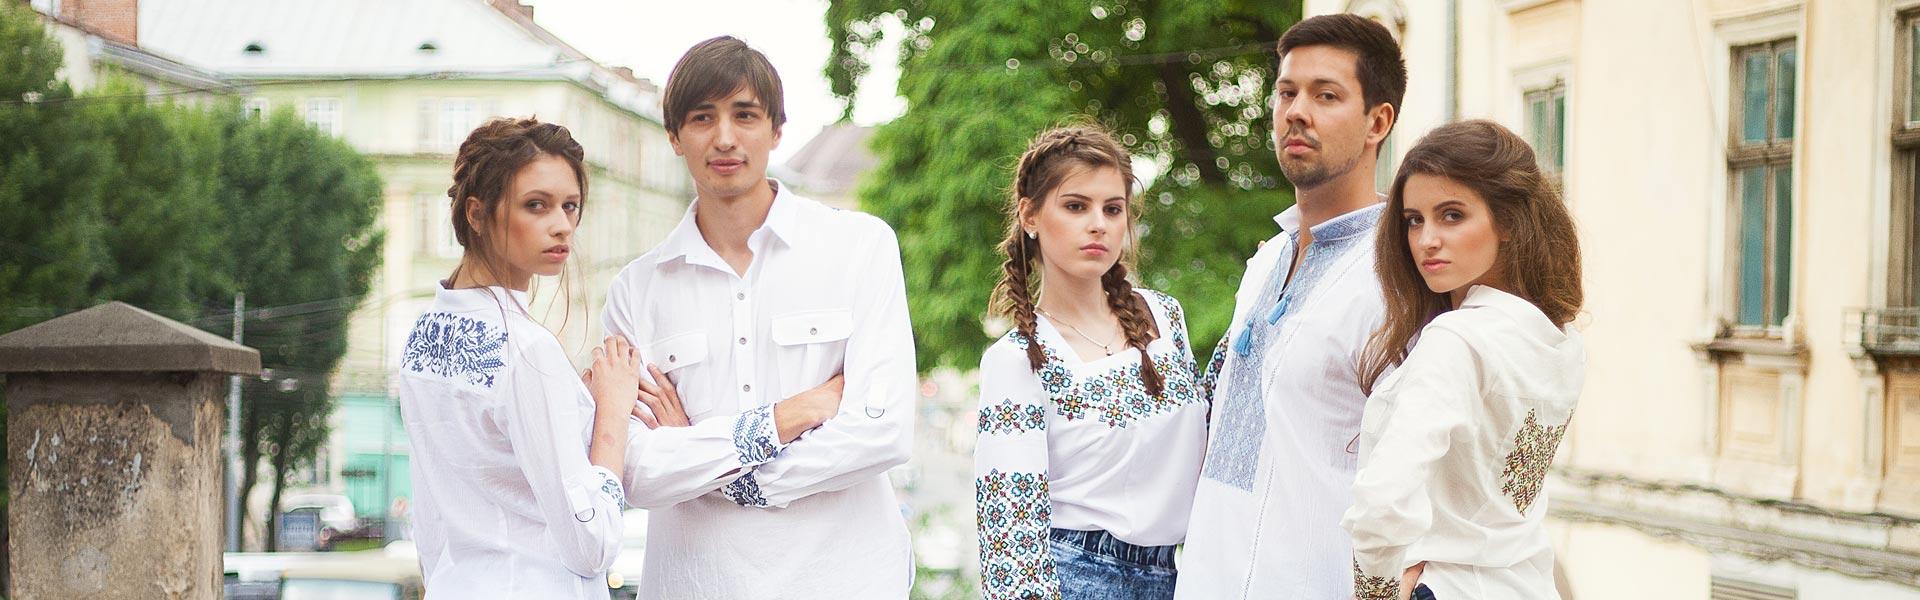 Інтернет-магазин вишиванок - купити українську вишиванку у Львові ... 9e76148376adf